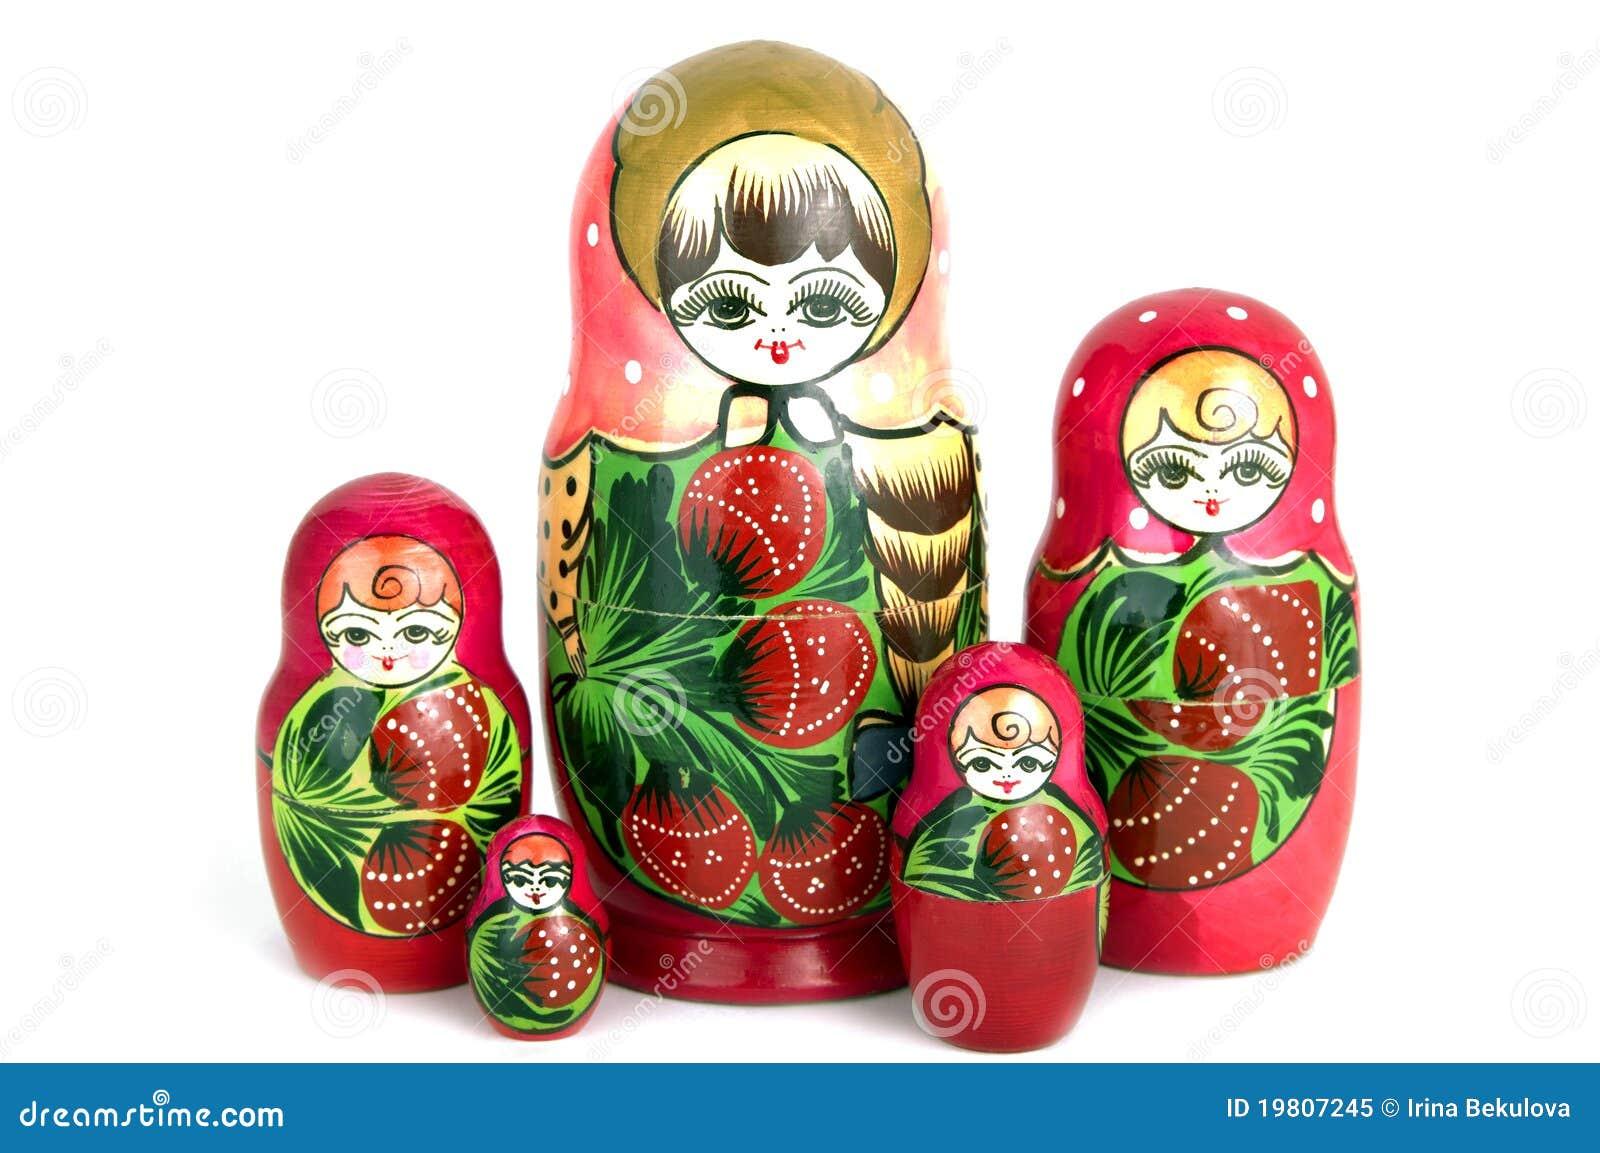 Nested Doll Vector Illustration | CartoonDealer.com #49069534